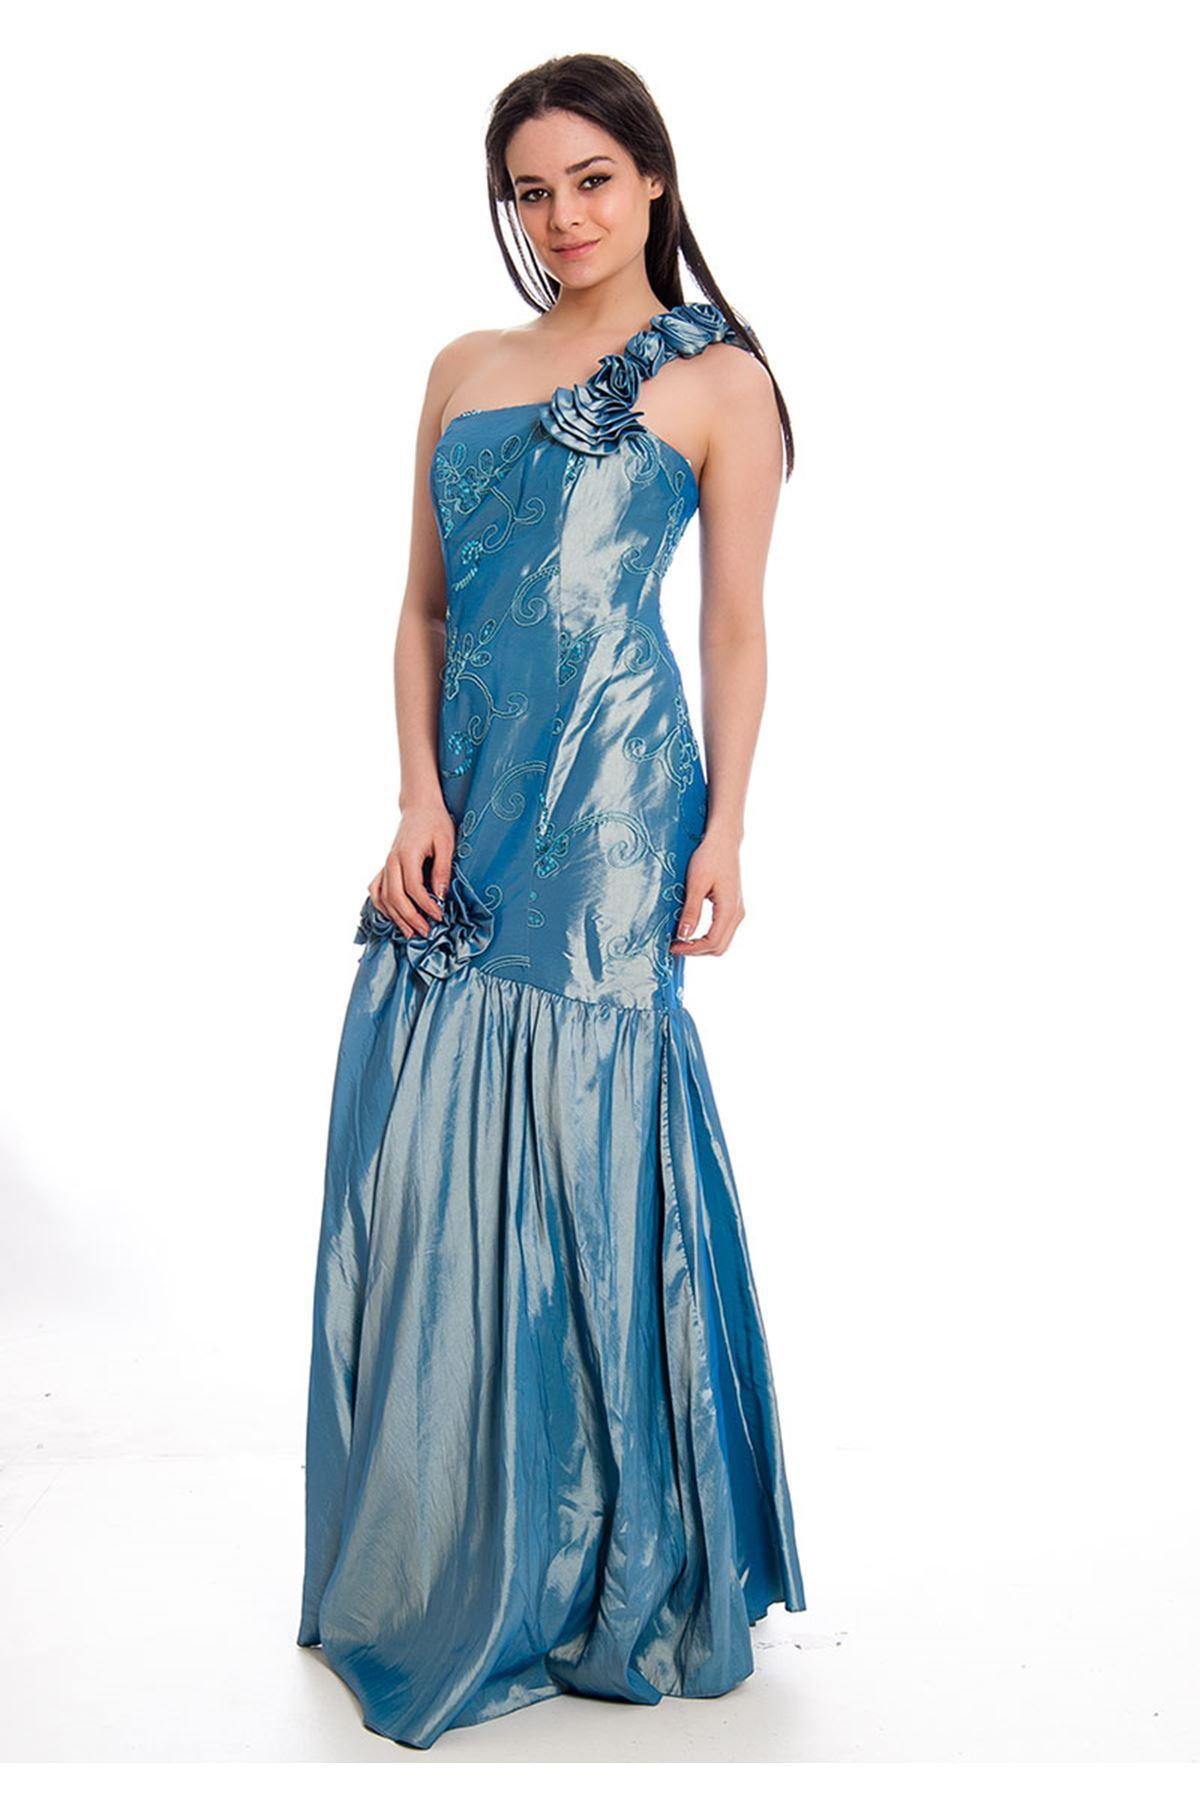 Mavi Pullu Abiye G9-45145